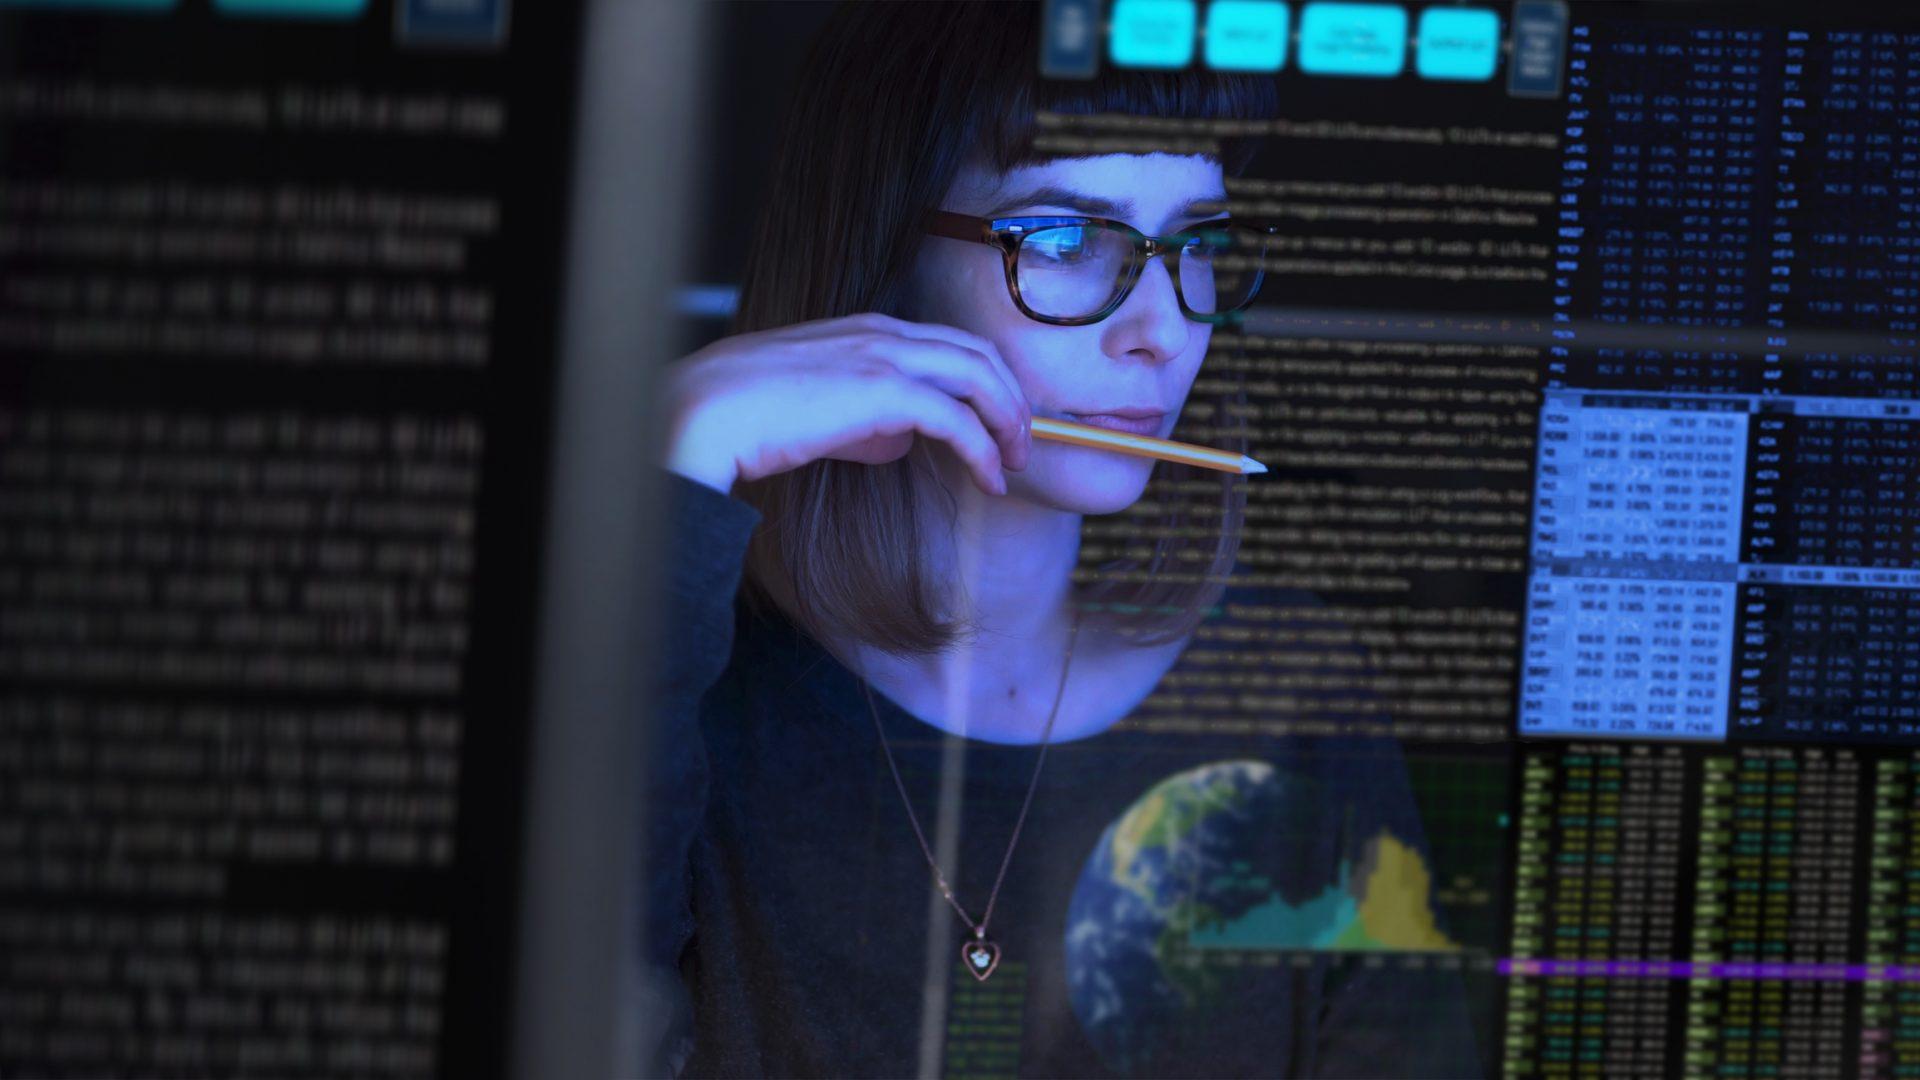 Open Innovation de UPC brindará taller gratuito de Data Science